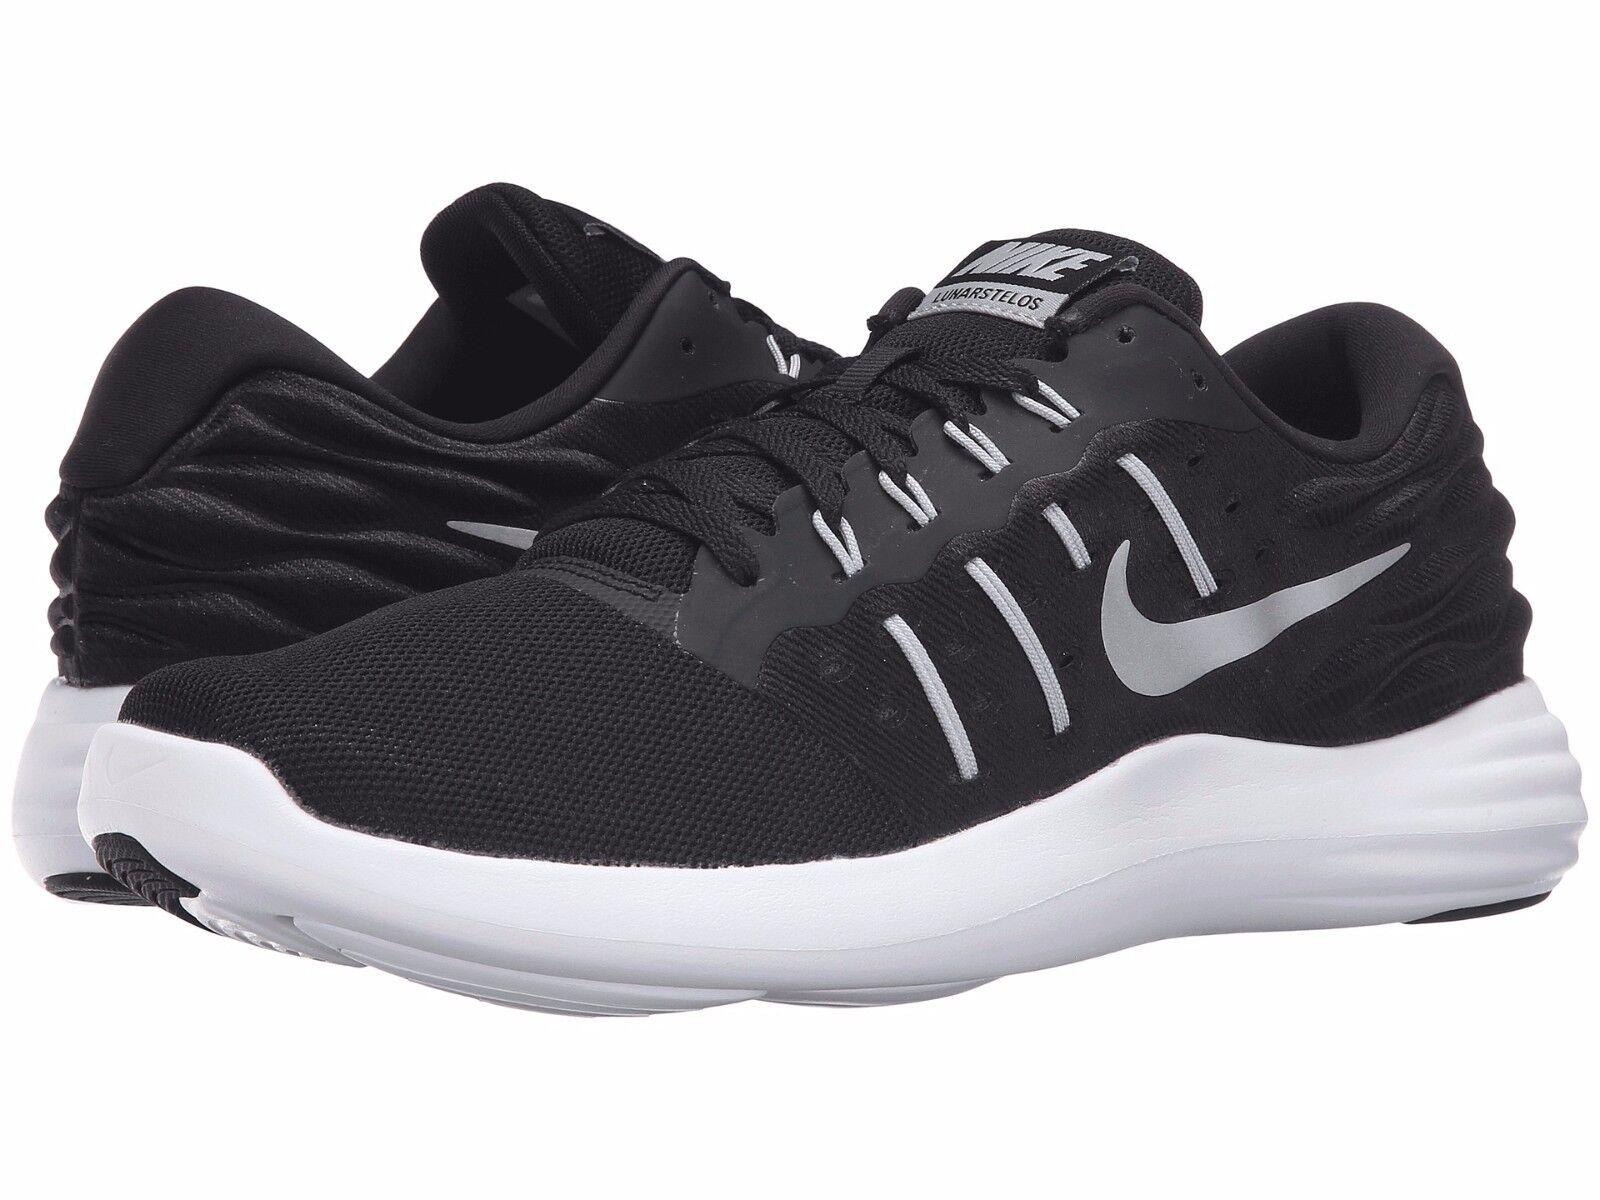 hommes hommes femmes des moderne chaussures nike lunarstelos d 001 la technologie moderne des des couleurs vives business rg2660 f56e31